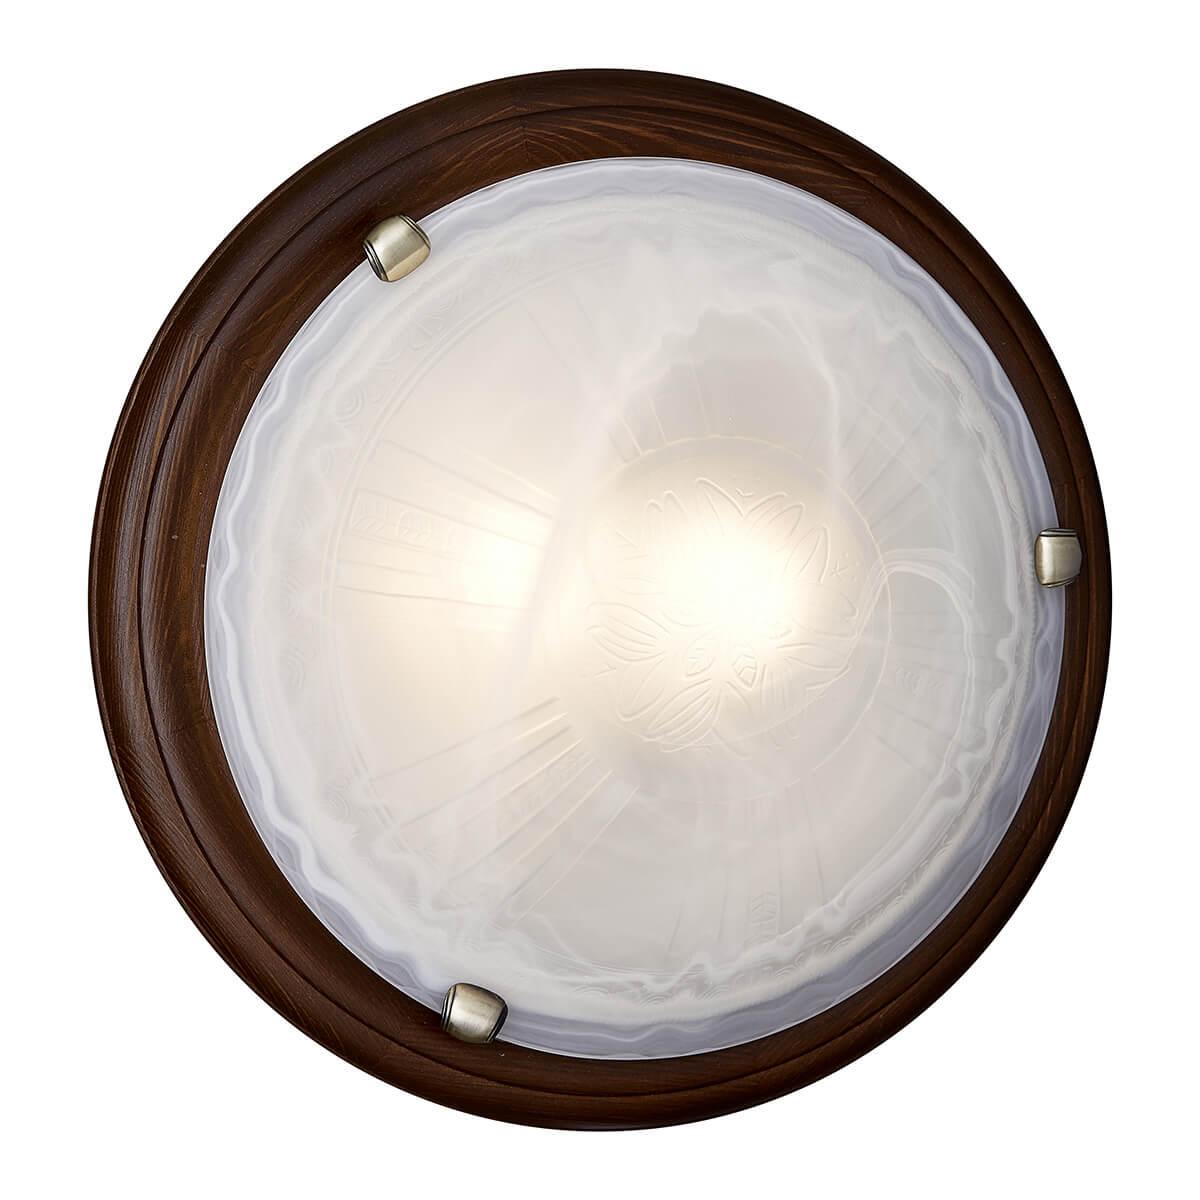 Светильник Sonex 136/K потолочный светильник sonex накладной потолочный 1219 a